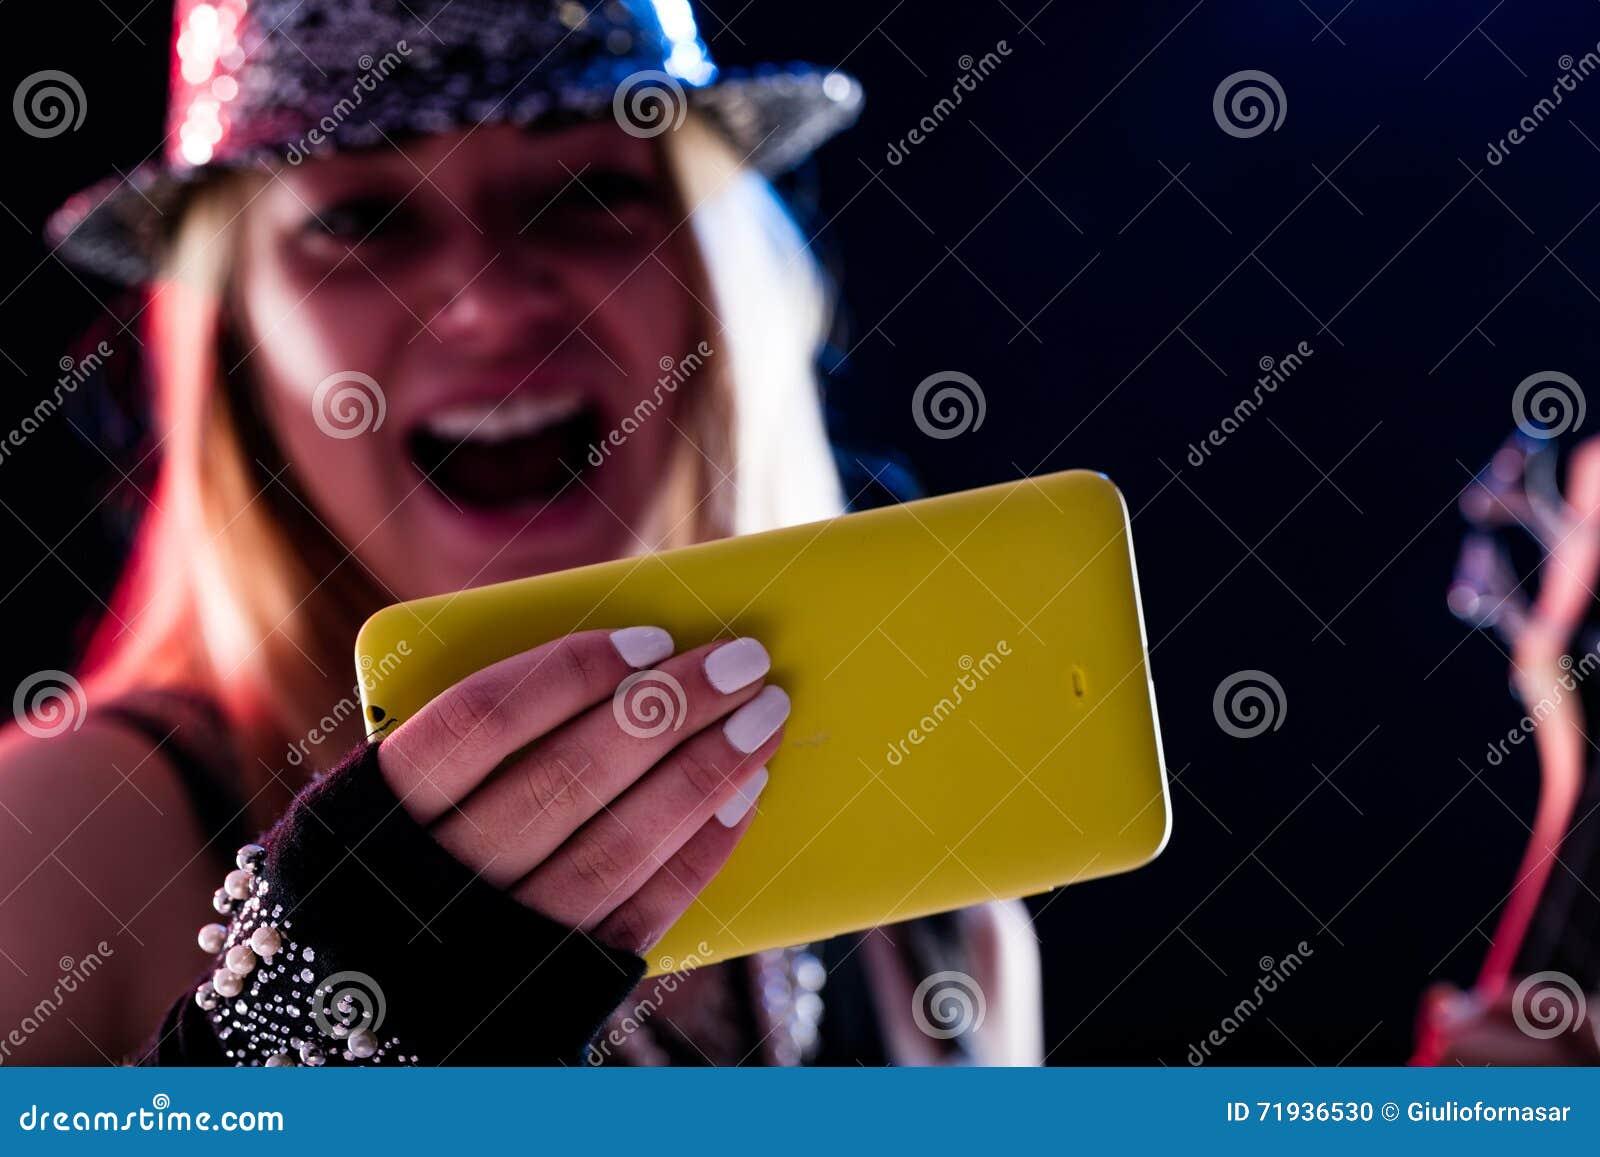 Молодая женщина наслаждаясь живым развлечением онлайн